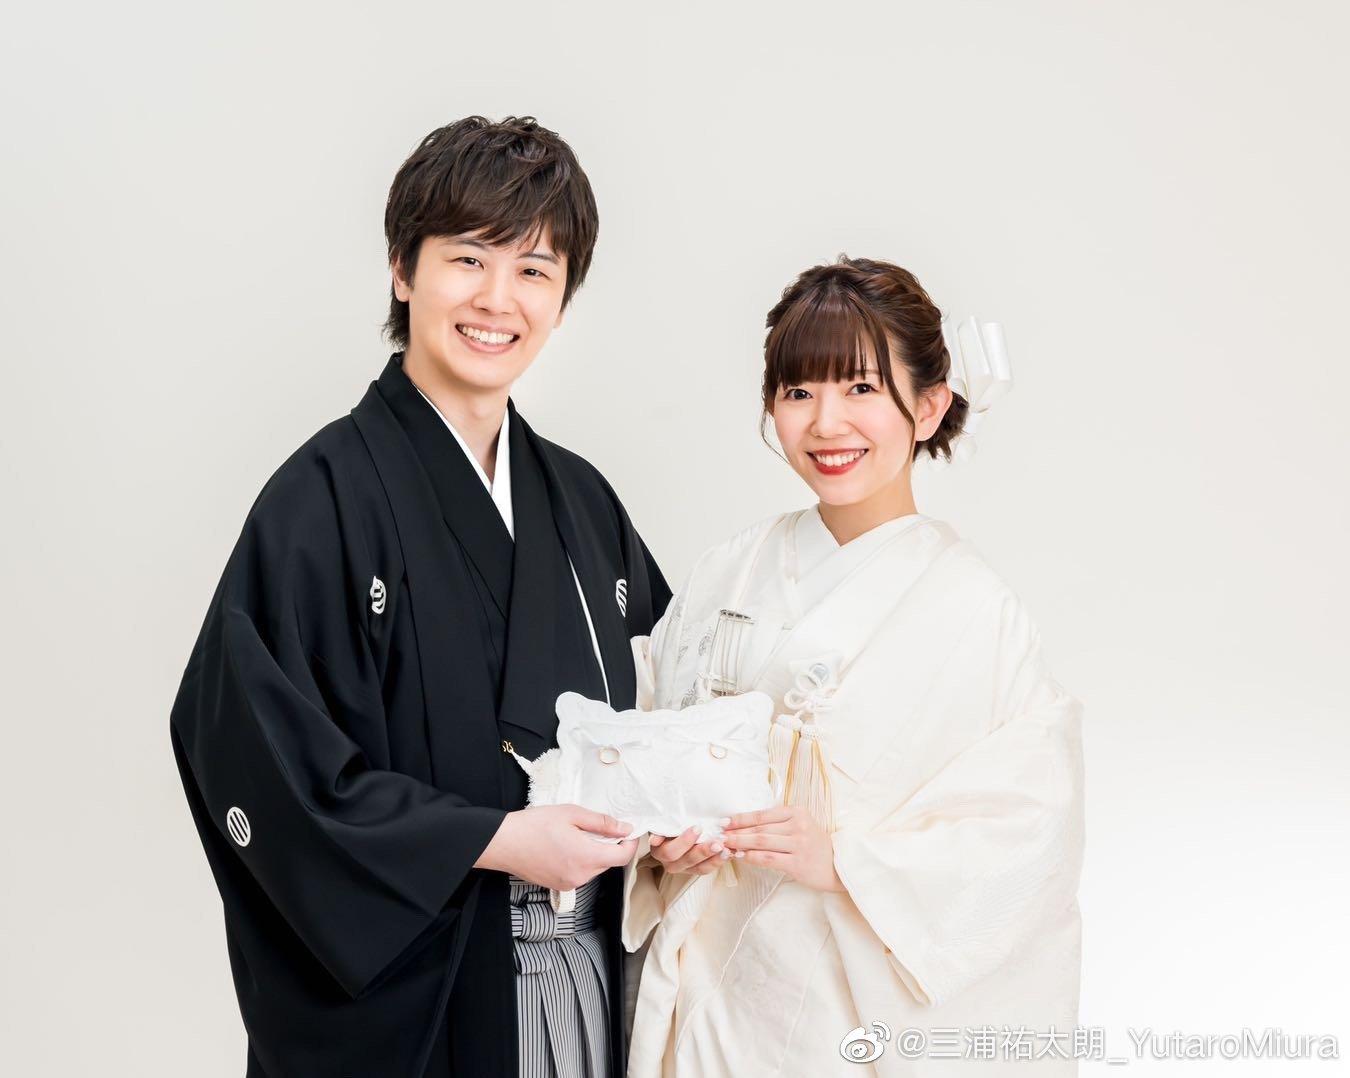 【资讯】恭喜!声优牧野由依与歌手三浦佑太郎宣布结婚